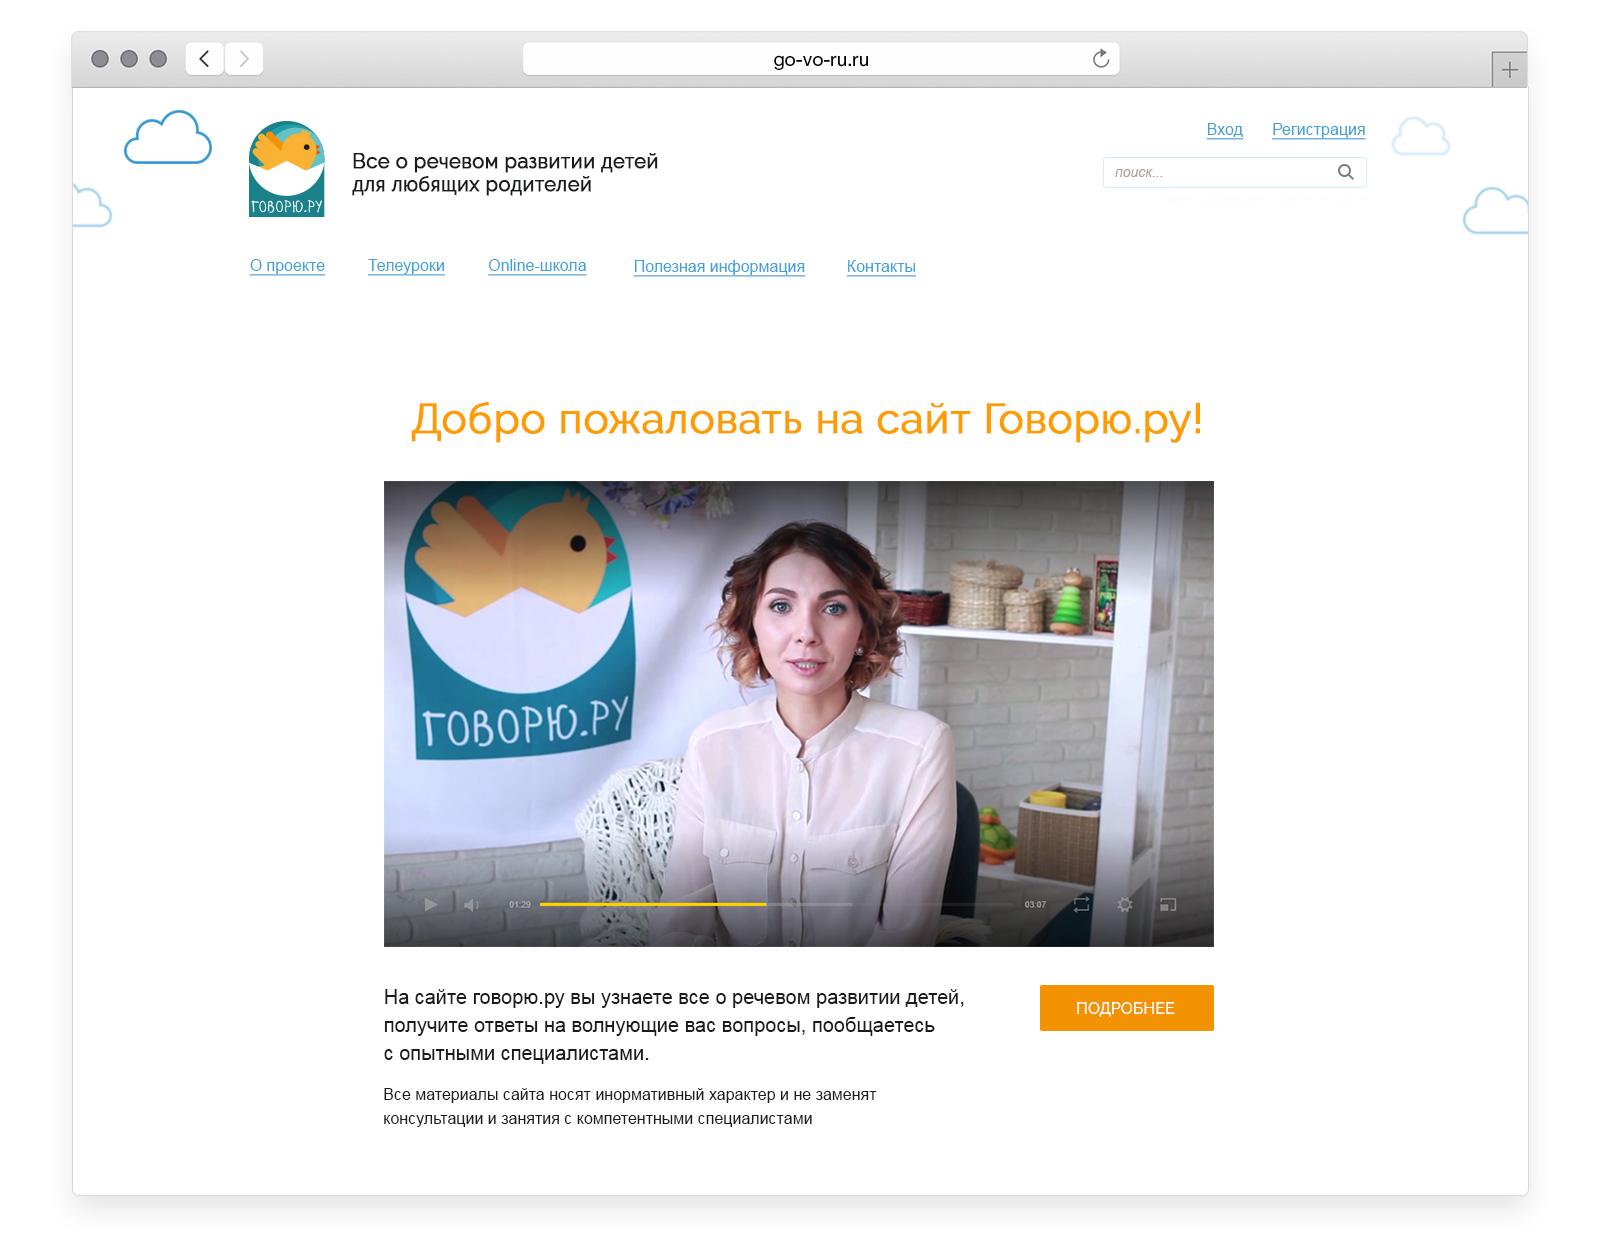 Сайт благотворительного фонда Говорю.ру